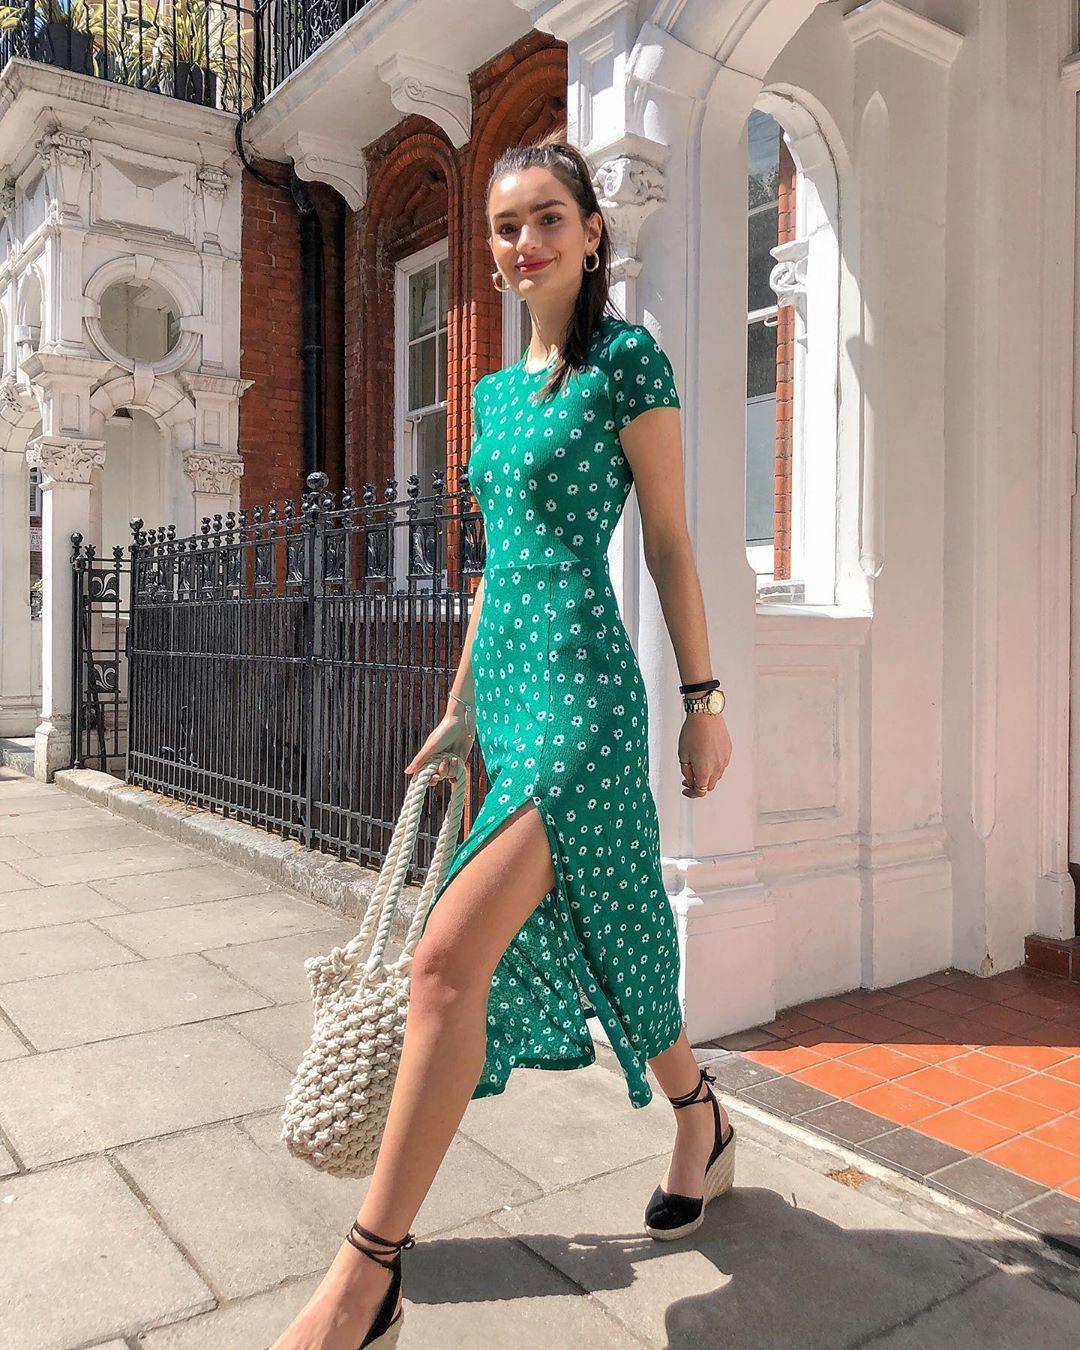 dress green dress floral dress midi dress short sleeve dress shoulder bag platform shoes black shoes